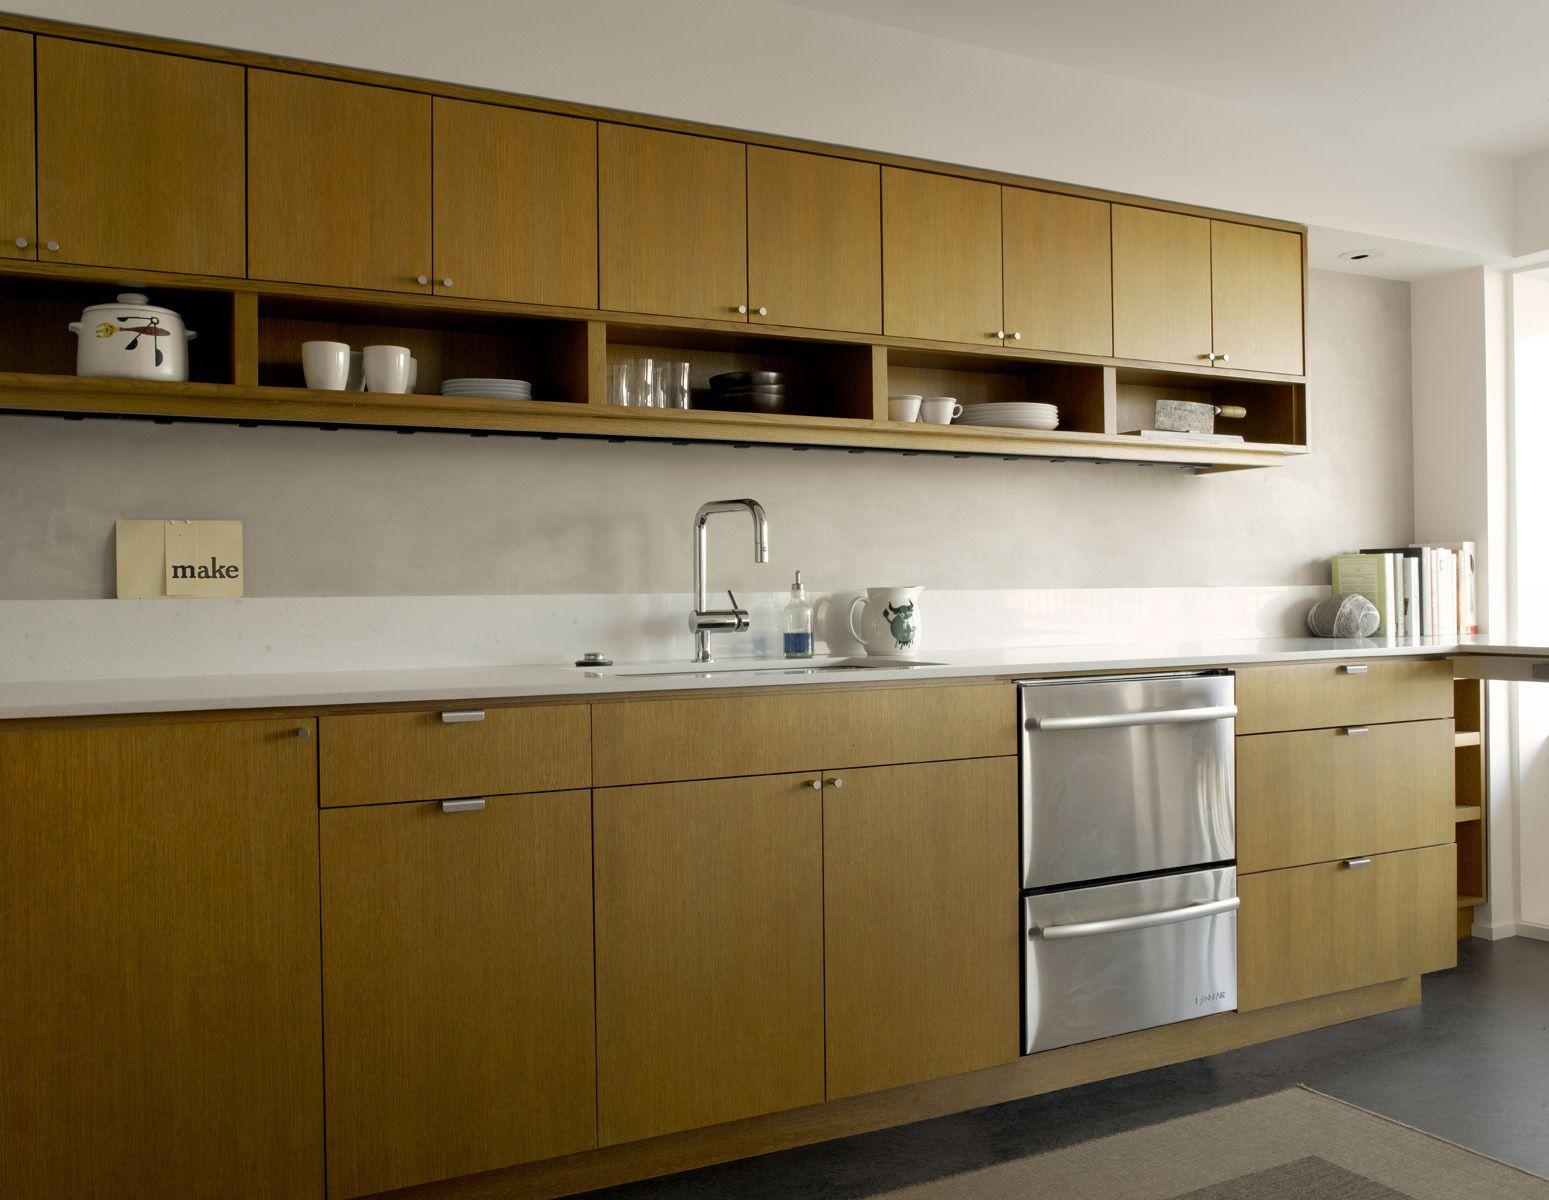 Küchenideen aus der mitte des jahrhunderts seattle cabinet hardware  cabinet hardware  mehr als nur ein add